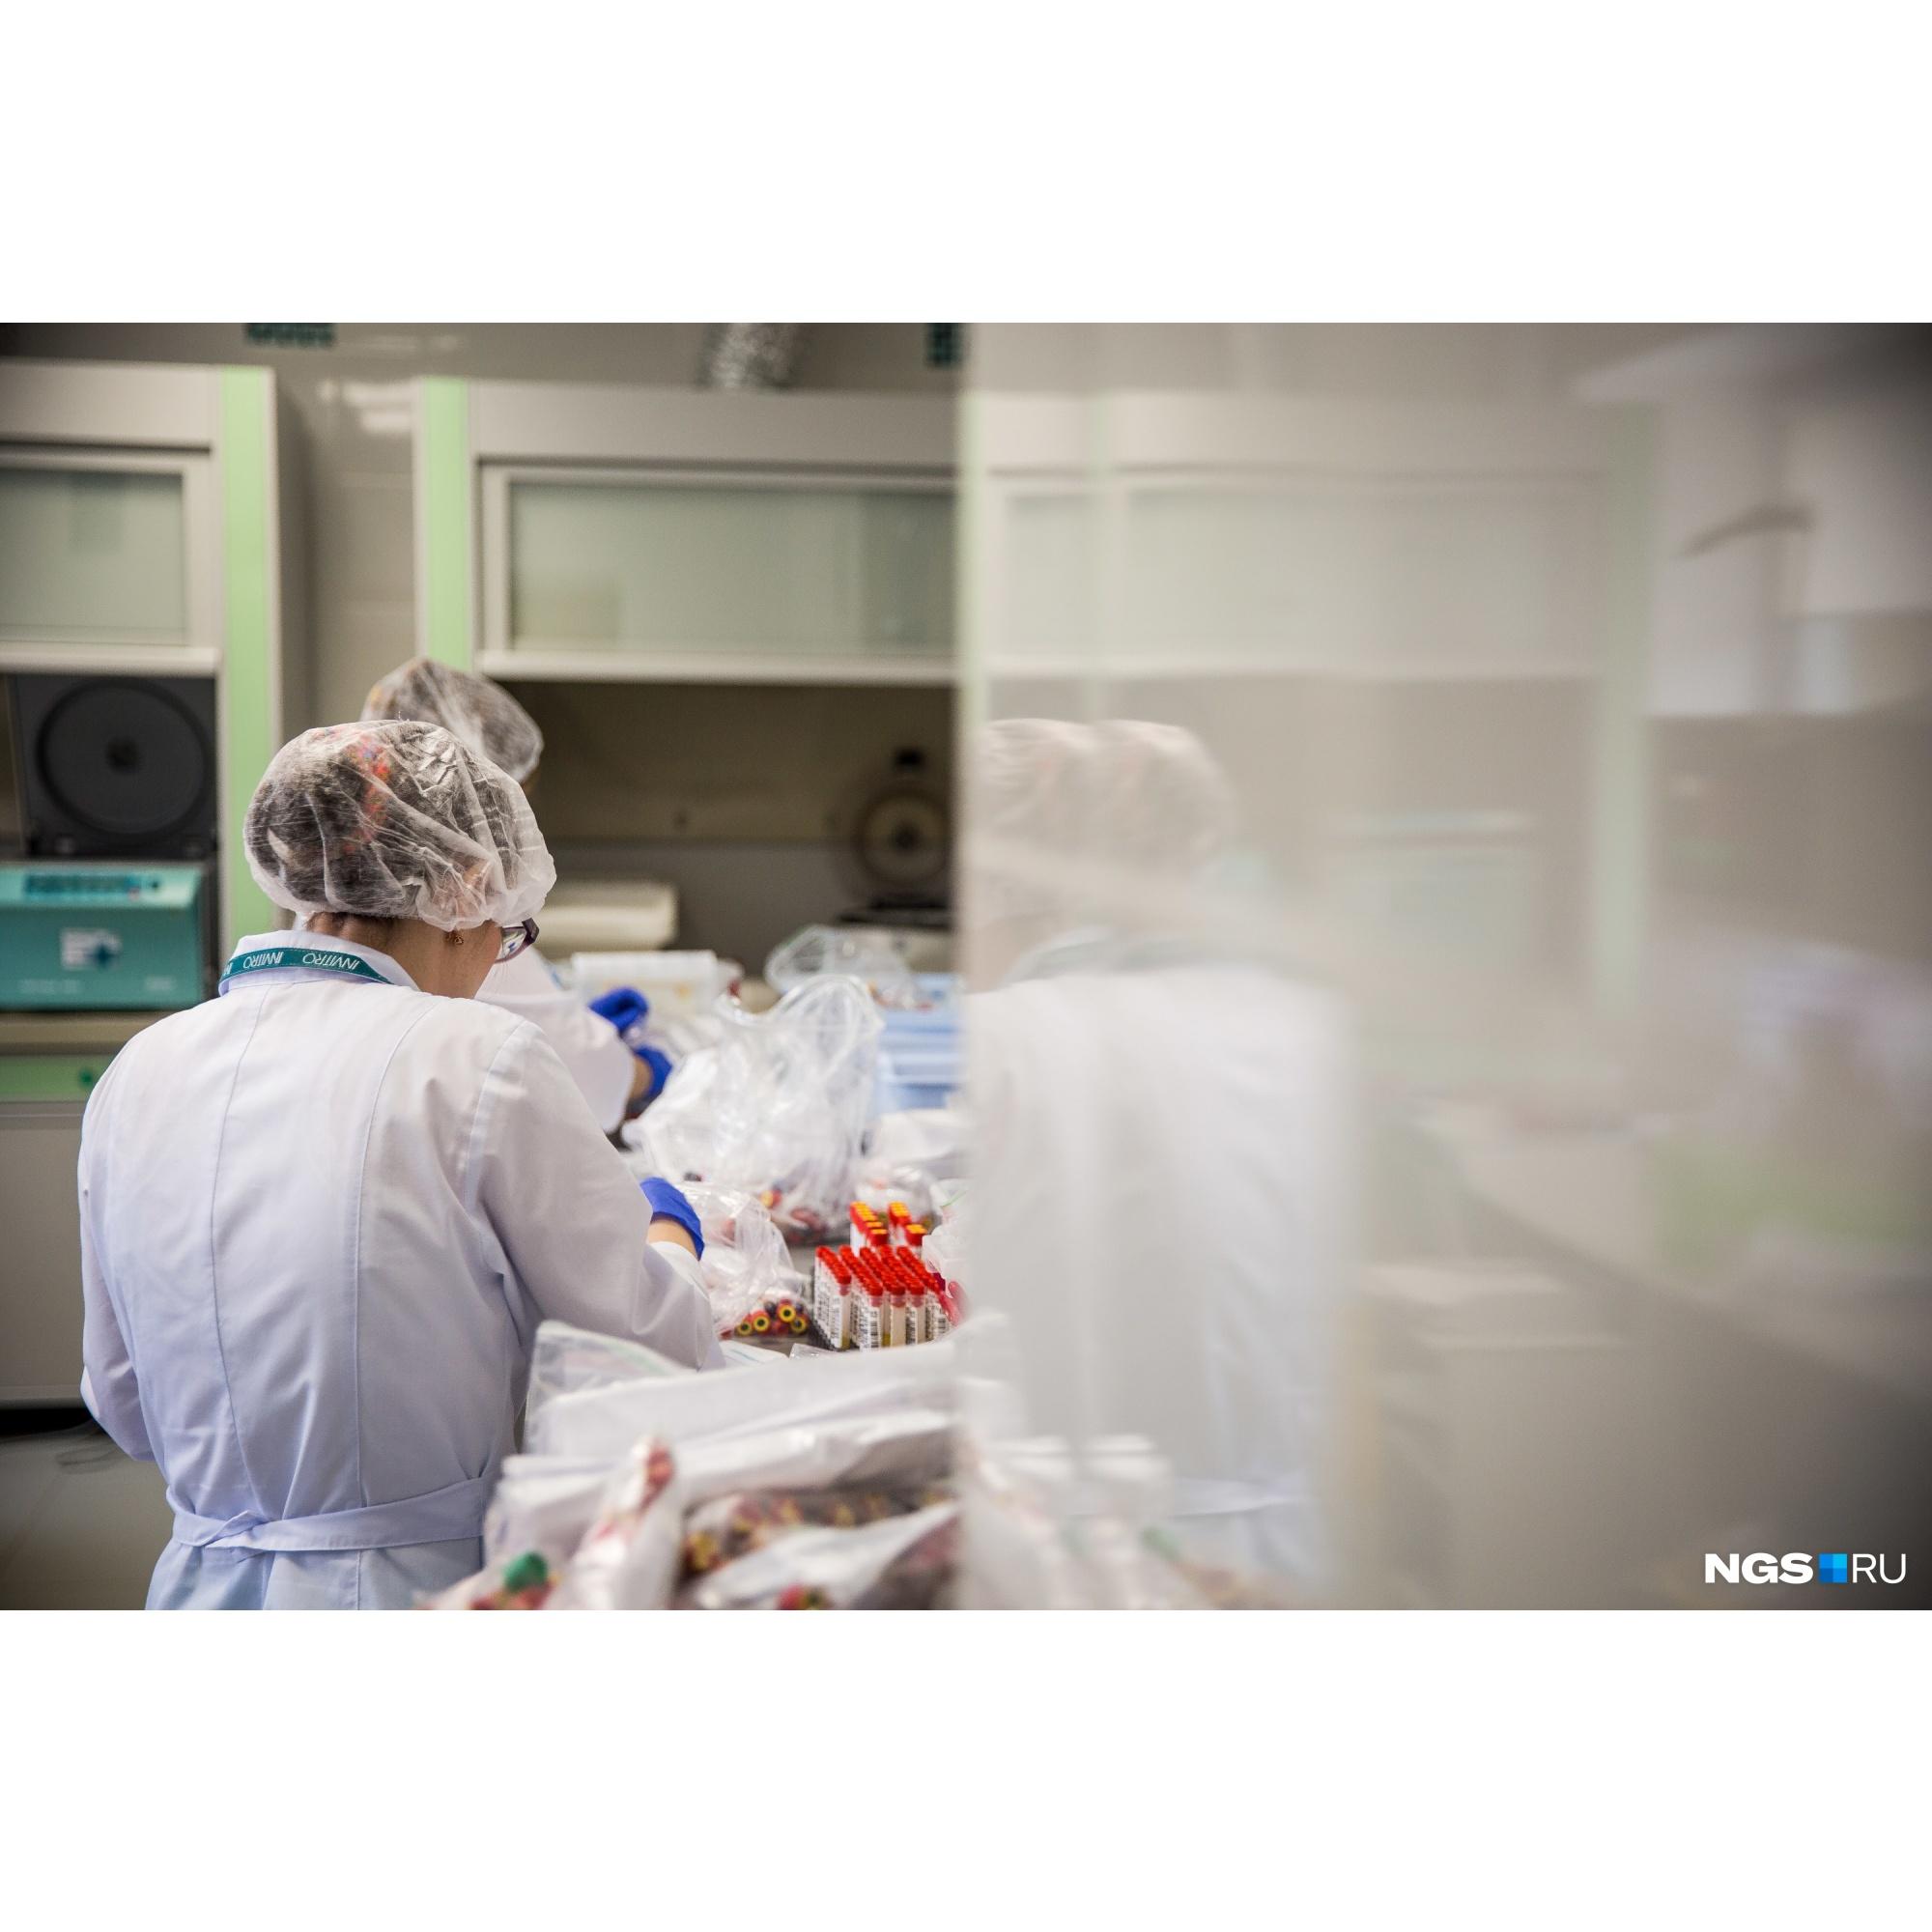 Новосибирцам, сдавшим кровь на антитела, обещают результат через три рабочих дня или даже раньше